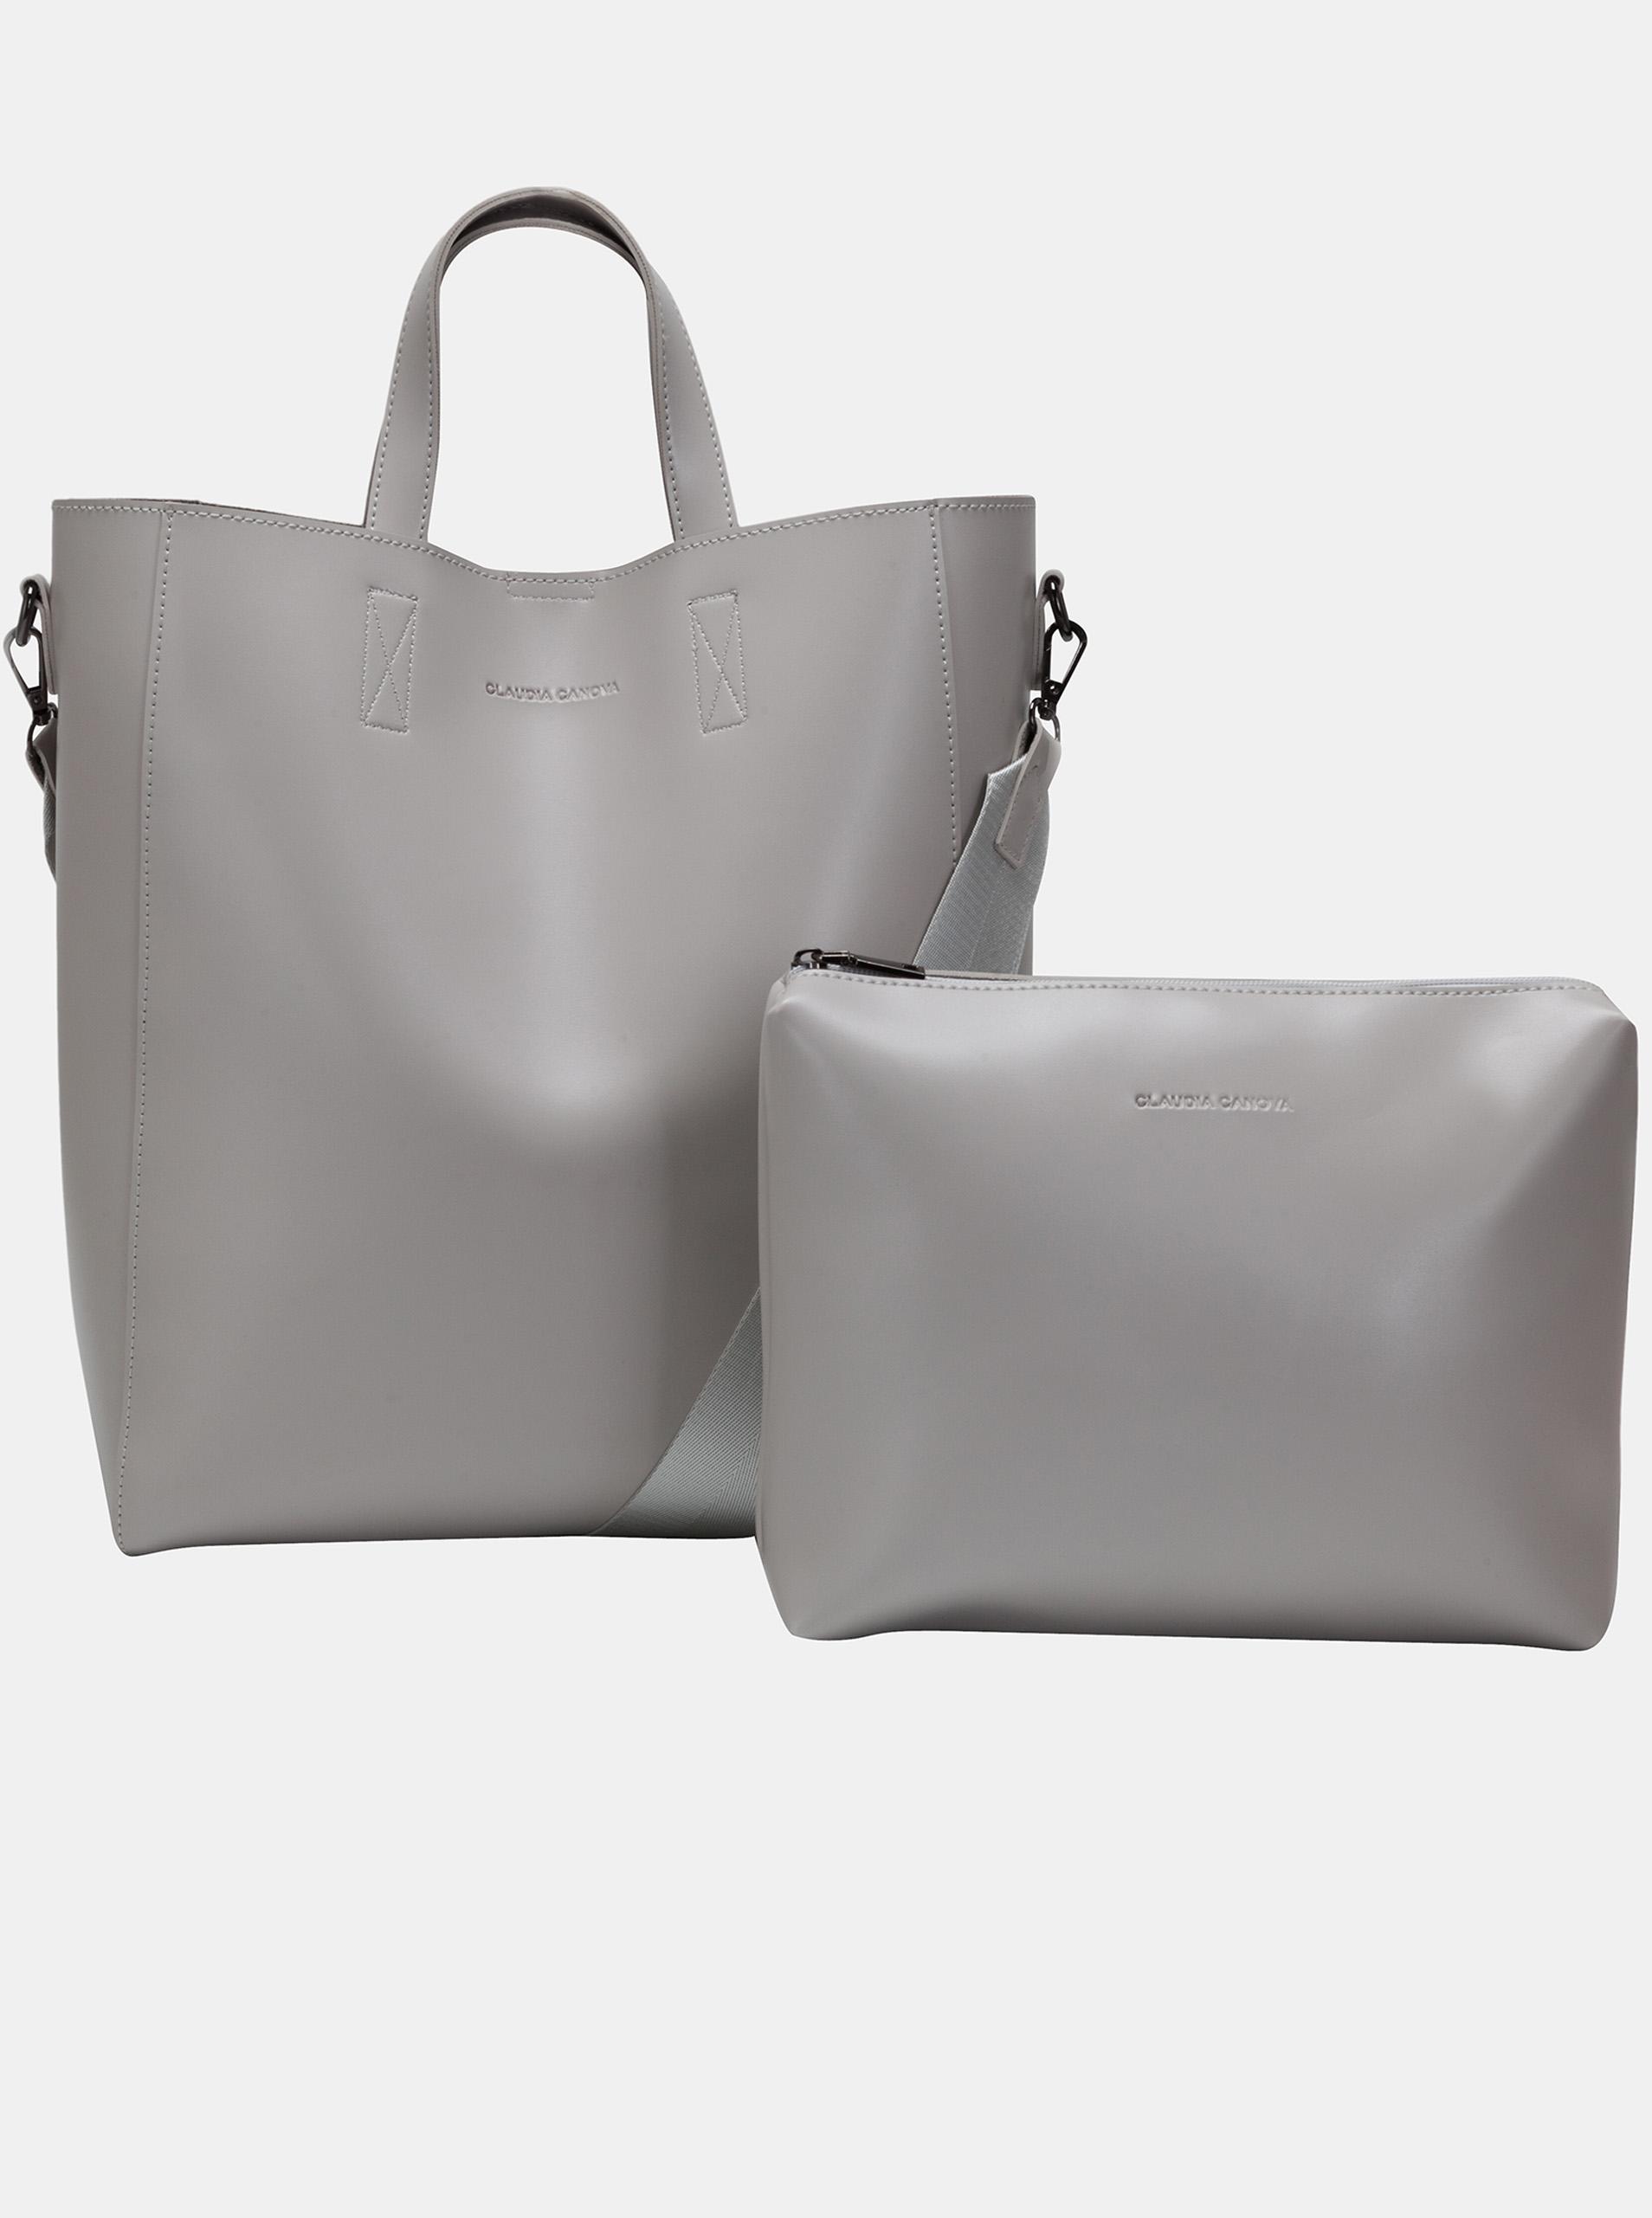 Claudia Canova siva velika torbica